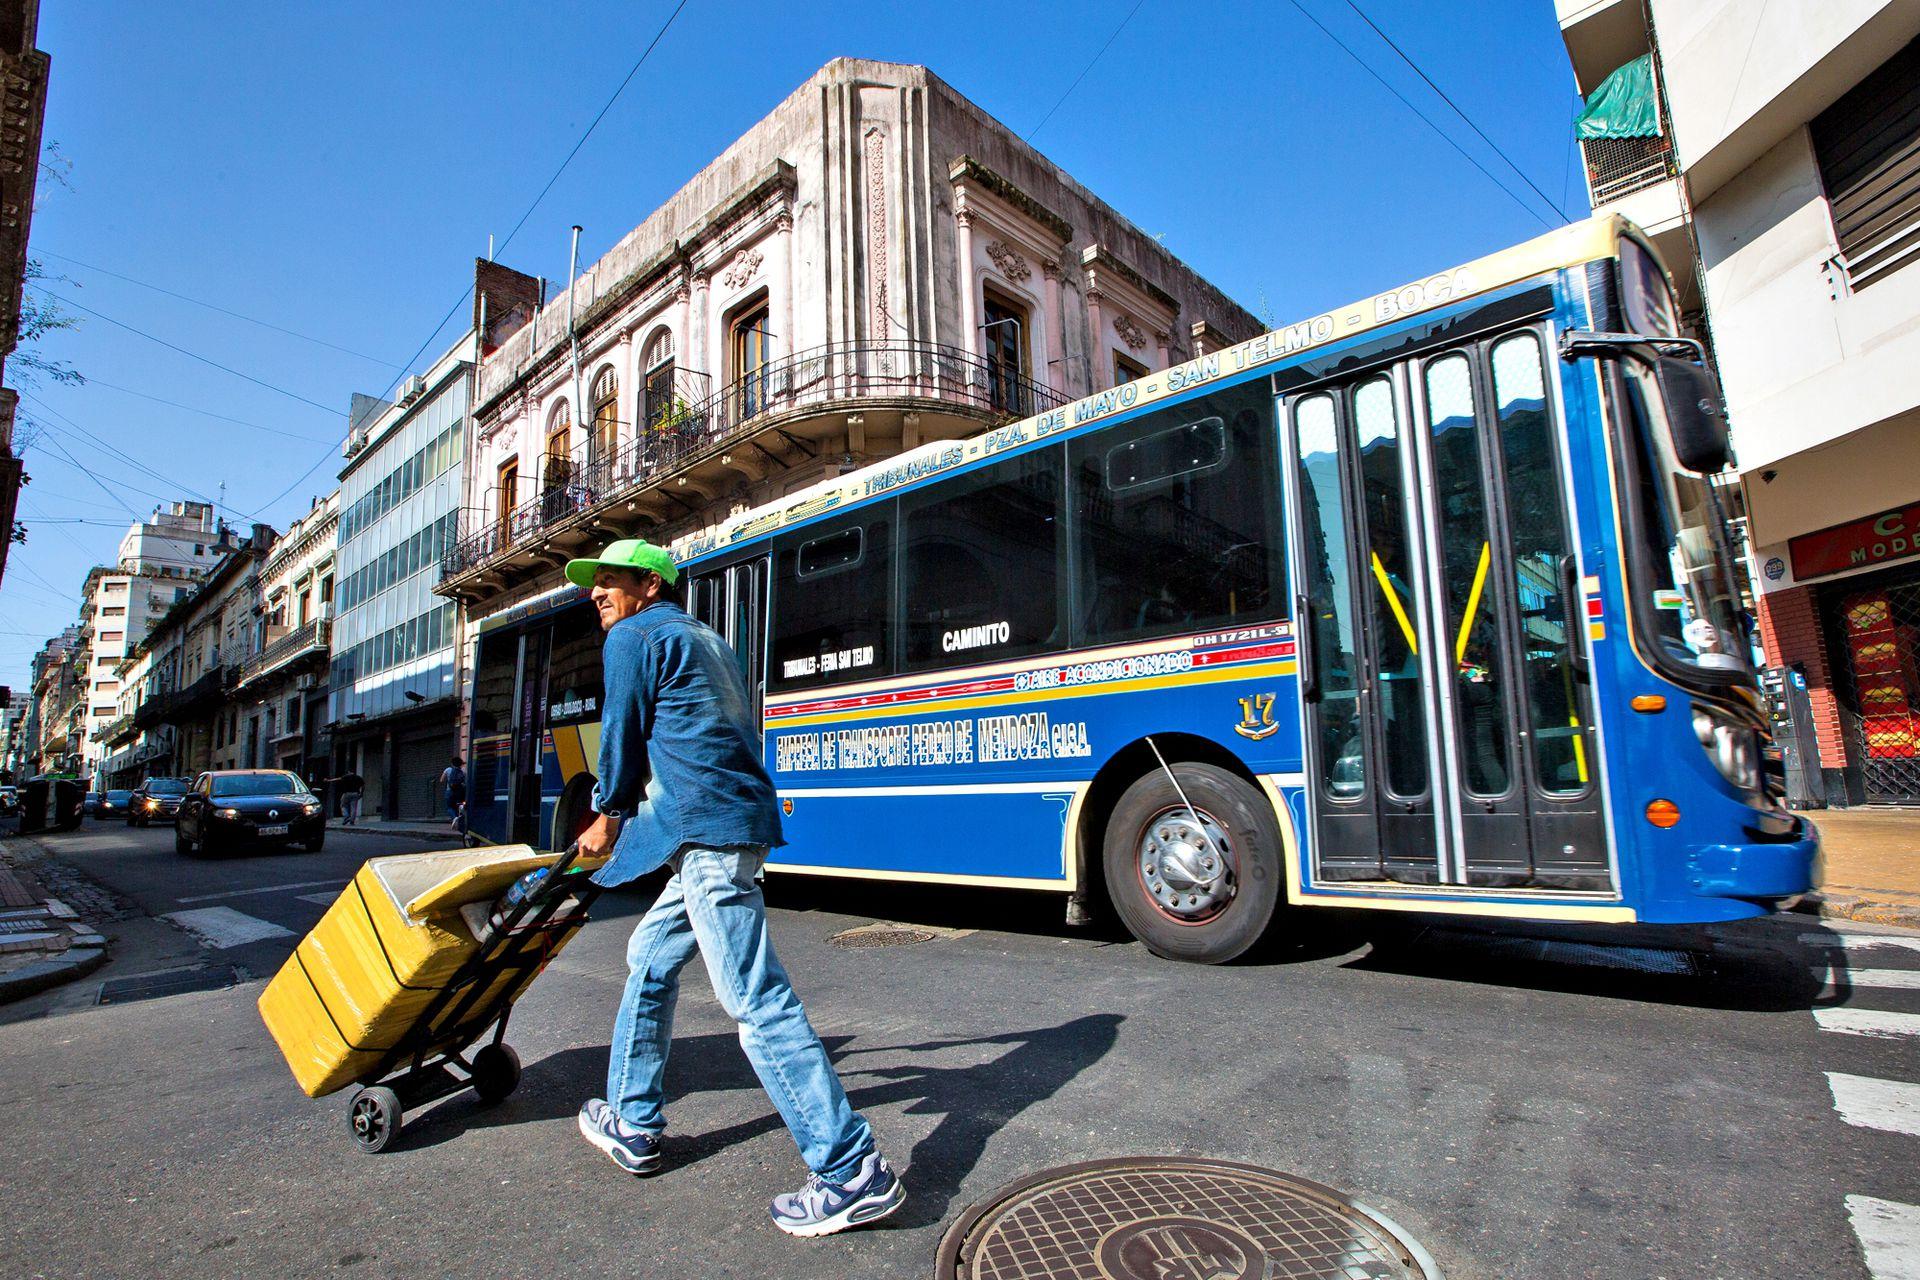 El traslado de los recorridos de las líneas que circulan por el Casco Histórico es determinante para avanzar con la restauración del espacio público